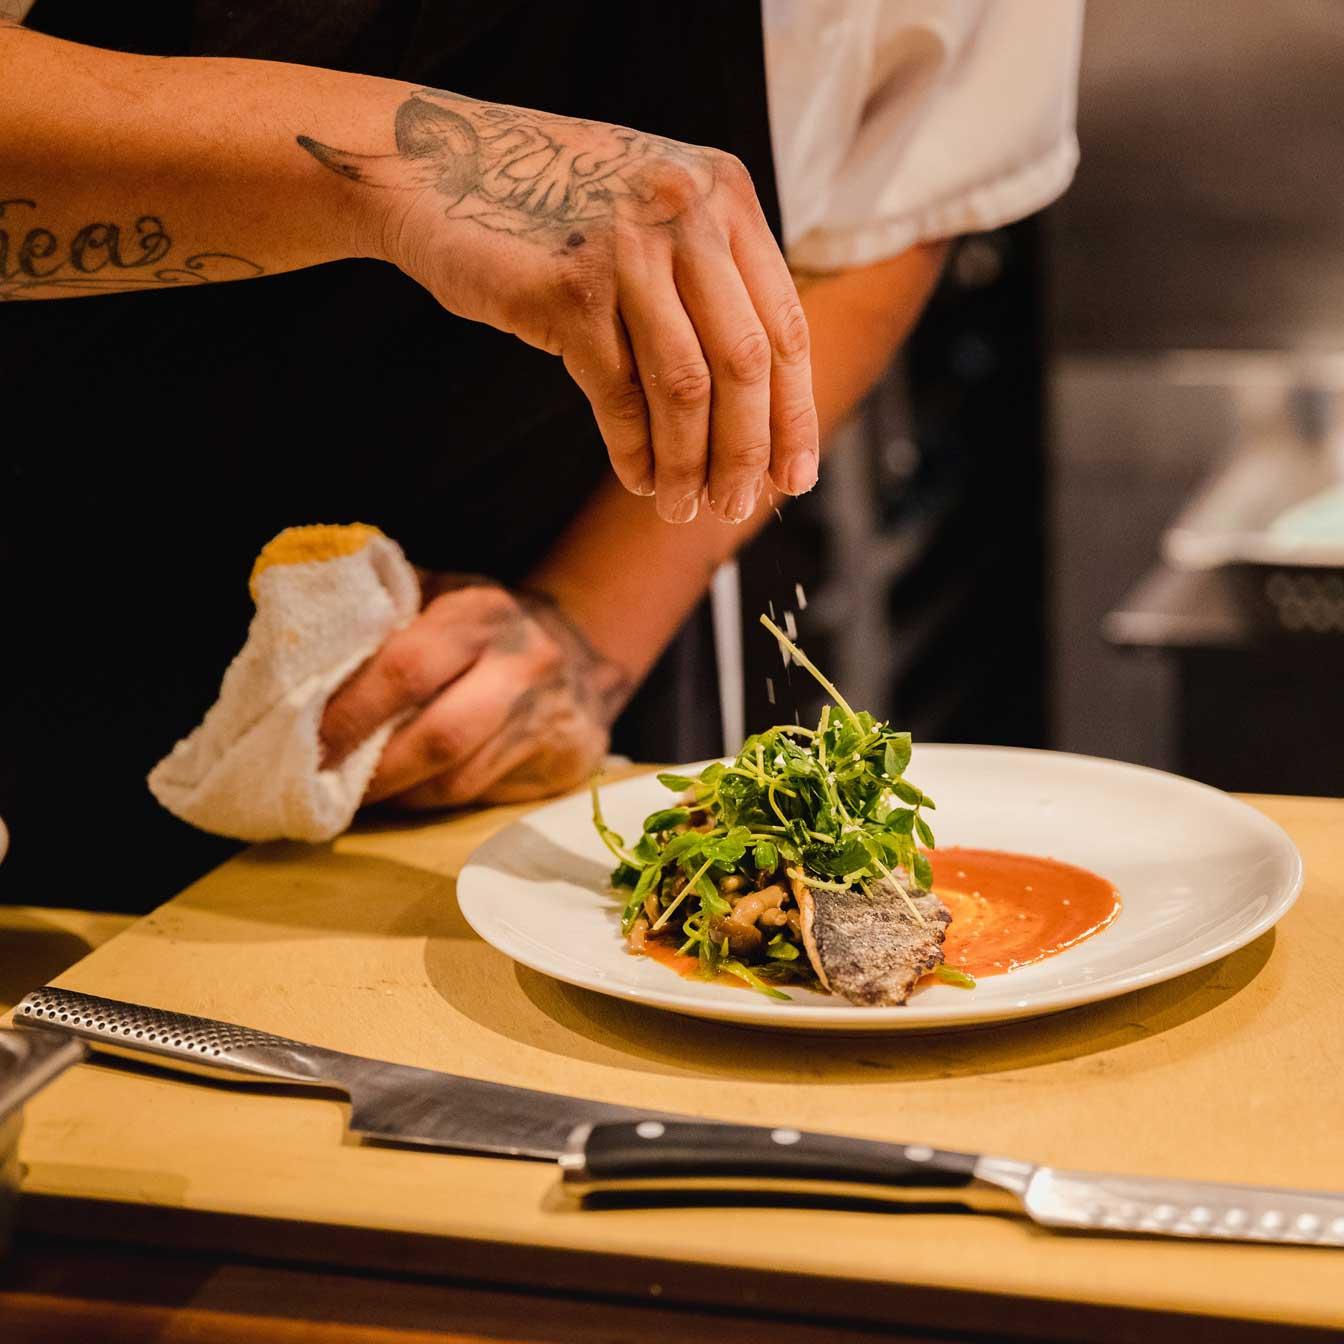 Ga jij als een speer de keuken door om lunch, borrelhappen en diner klaar te maken tijdens onze terrasdagen? Kom in onze keuken werken om onze menukaart in werkelijkheid te maken. Fulltime en parttime mogelijk.